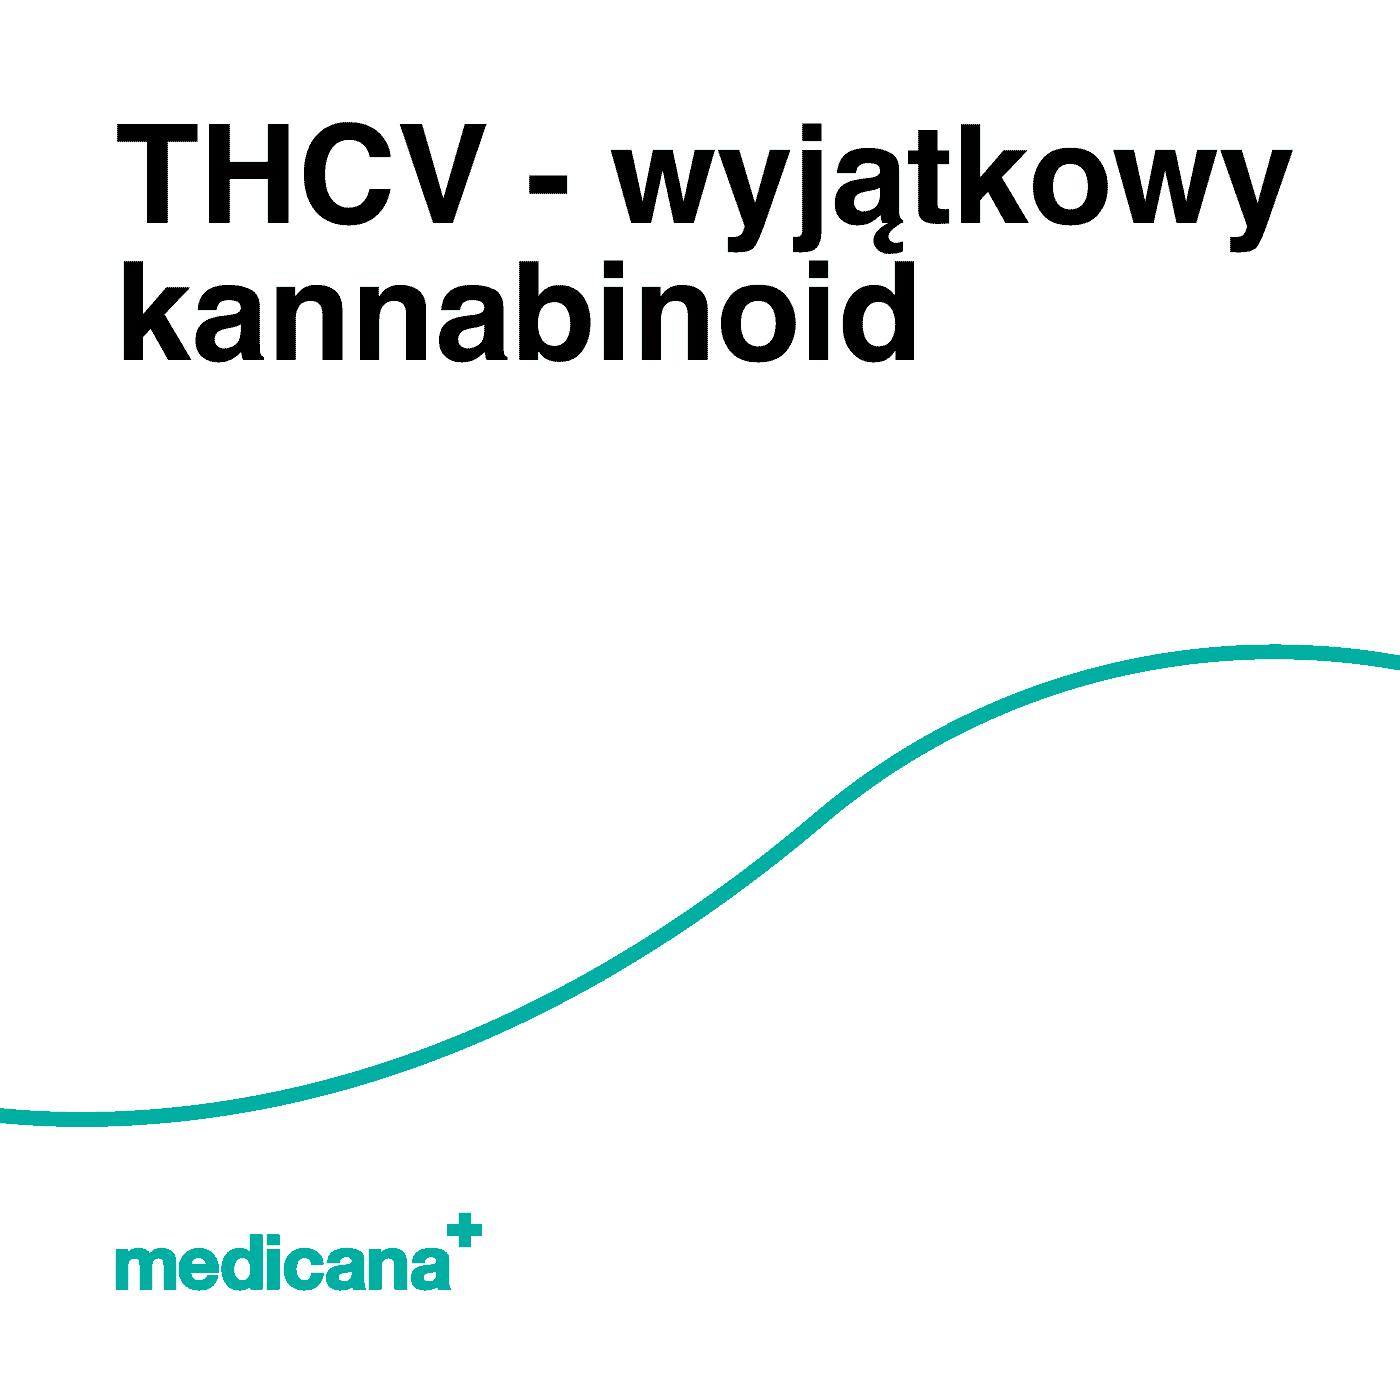 Grafika, białe tło z zieloną linią, czarnym napisem THCV - wyjątkowy kannabinoid oraz zielonym logo Medicana w lewym dolnym rogu.